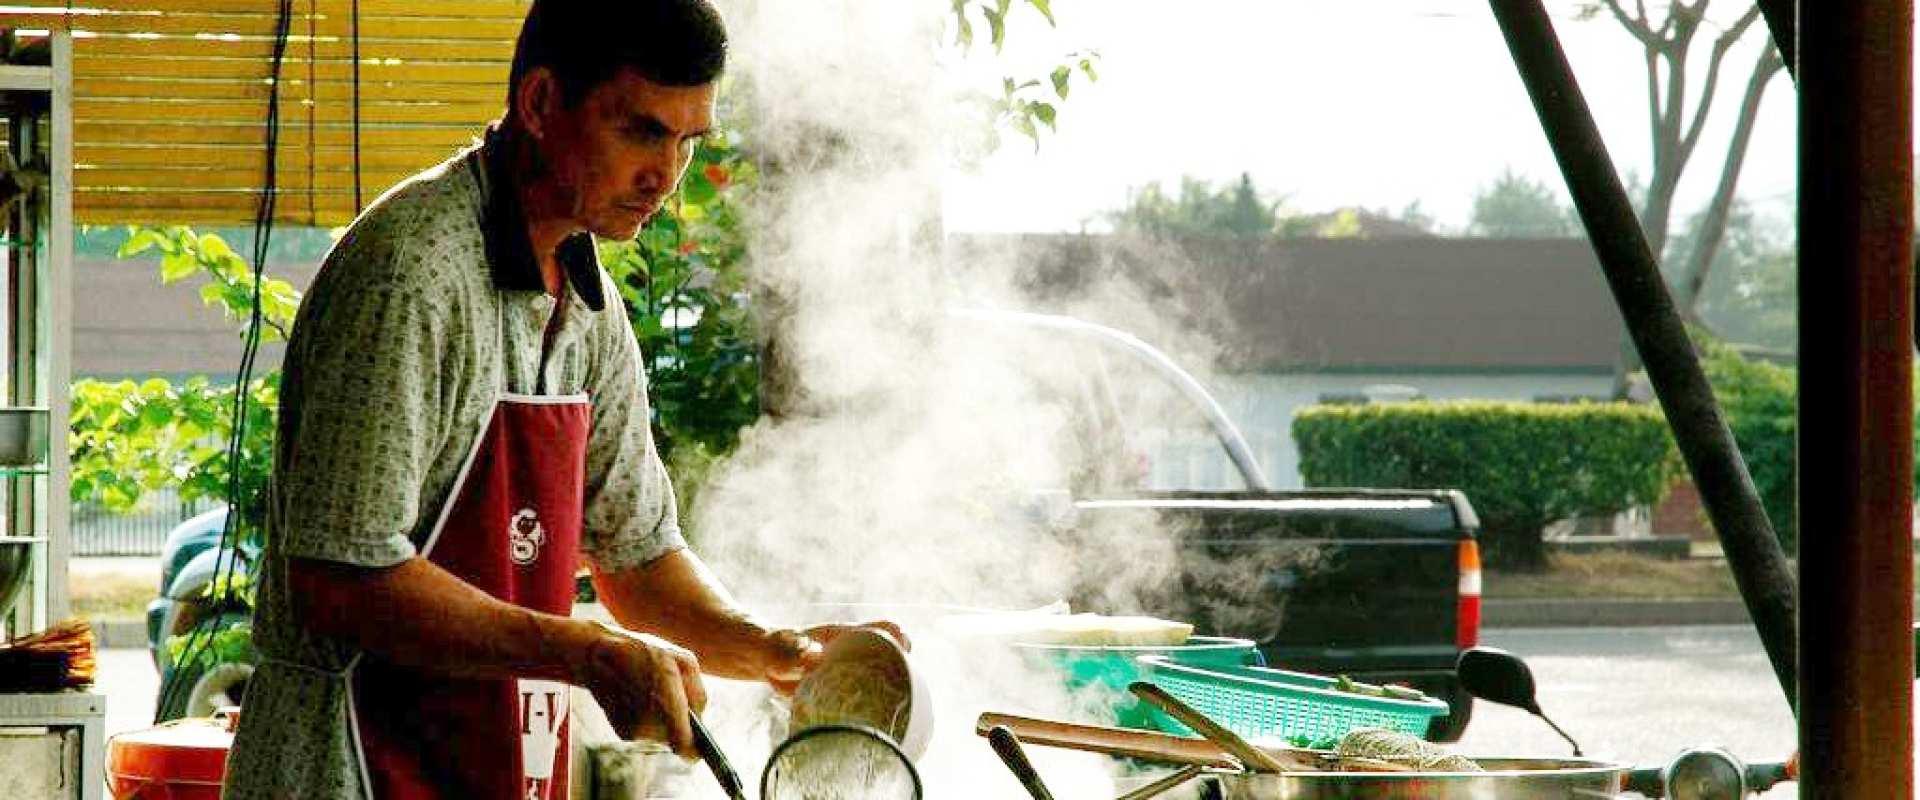 【精選沙巴美食】大馬風味下午茶、燒烤大排檔半日遊